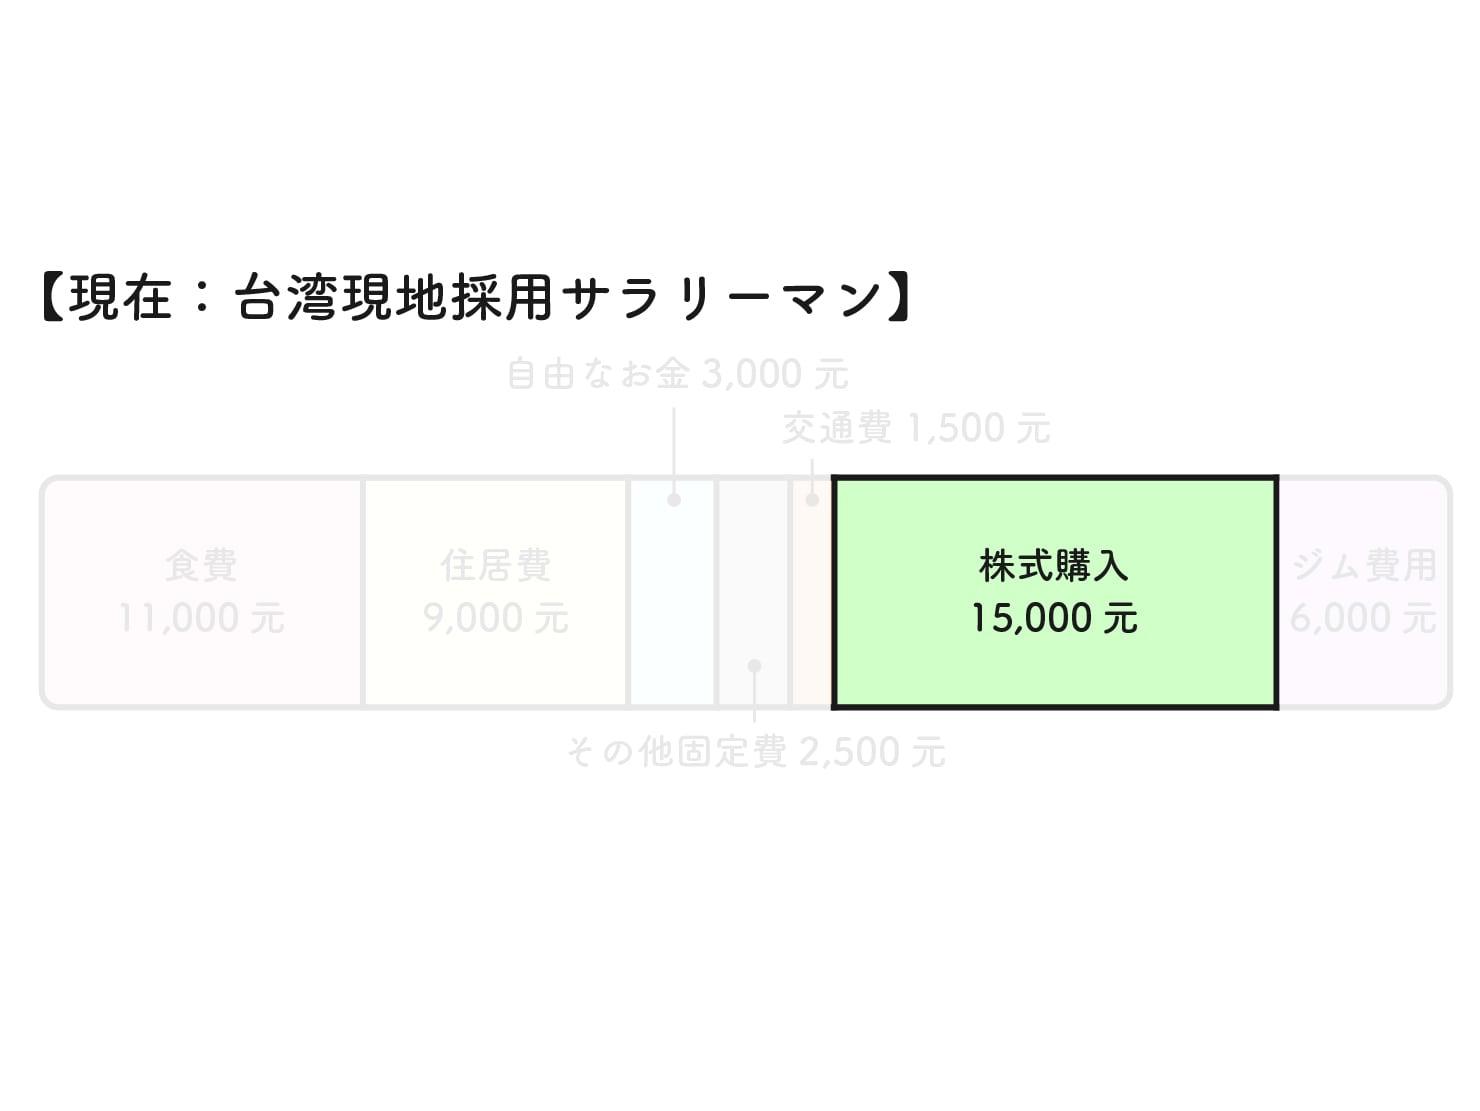 31歳日本男子の台湾での生活費グラフ(株式購入)